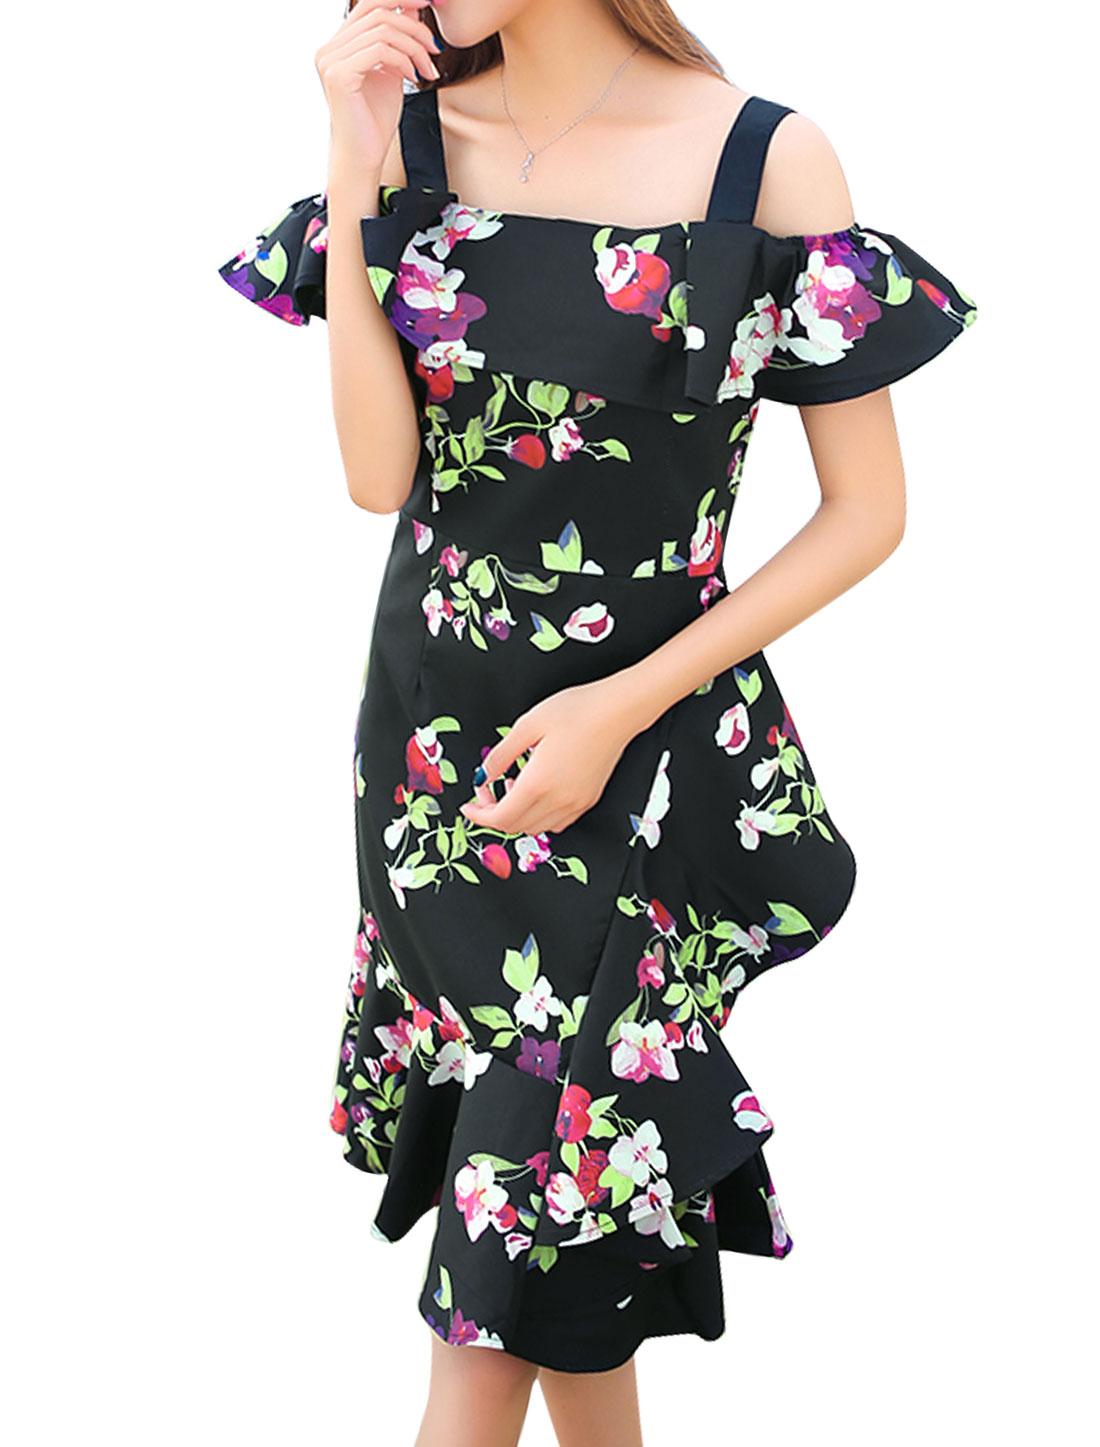 Women Straps Cut Out Shoulder Floral Print Flouncing Sheath Dress Black S